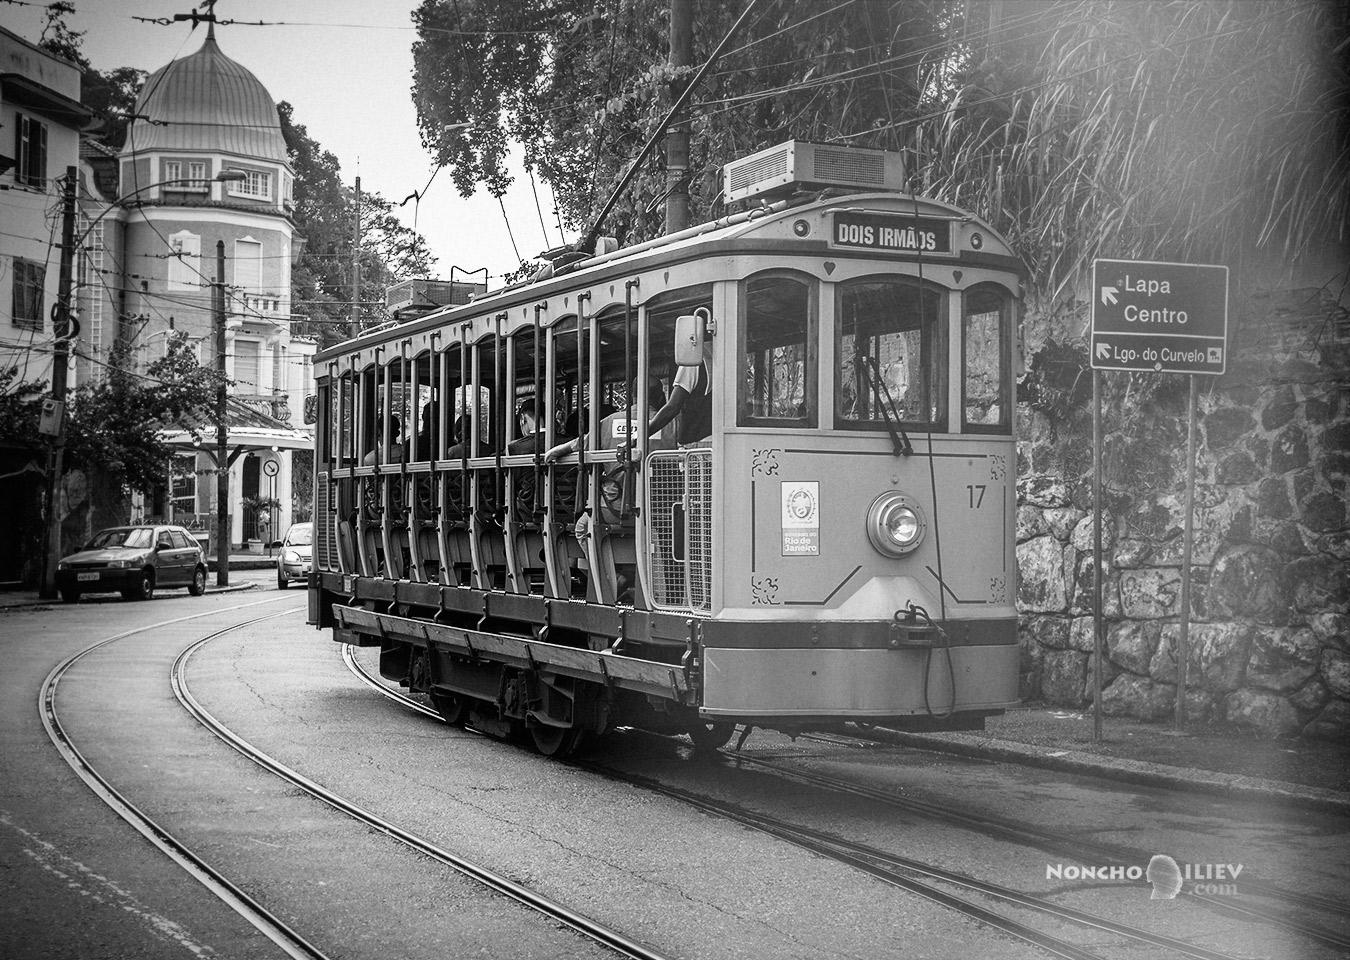 Ретро Трамвай, Санта Тереза, Рио